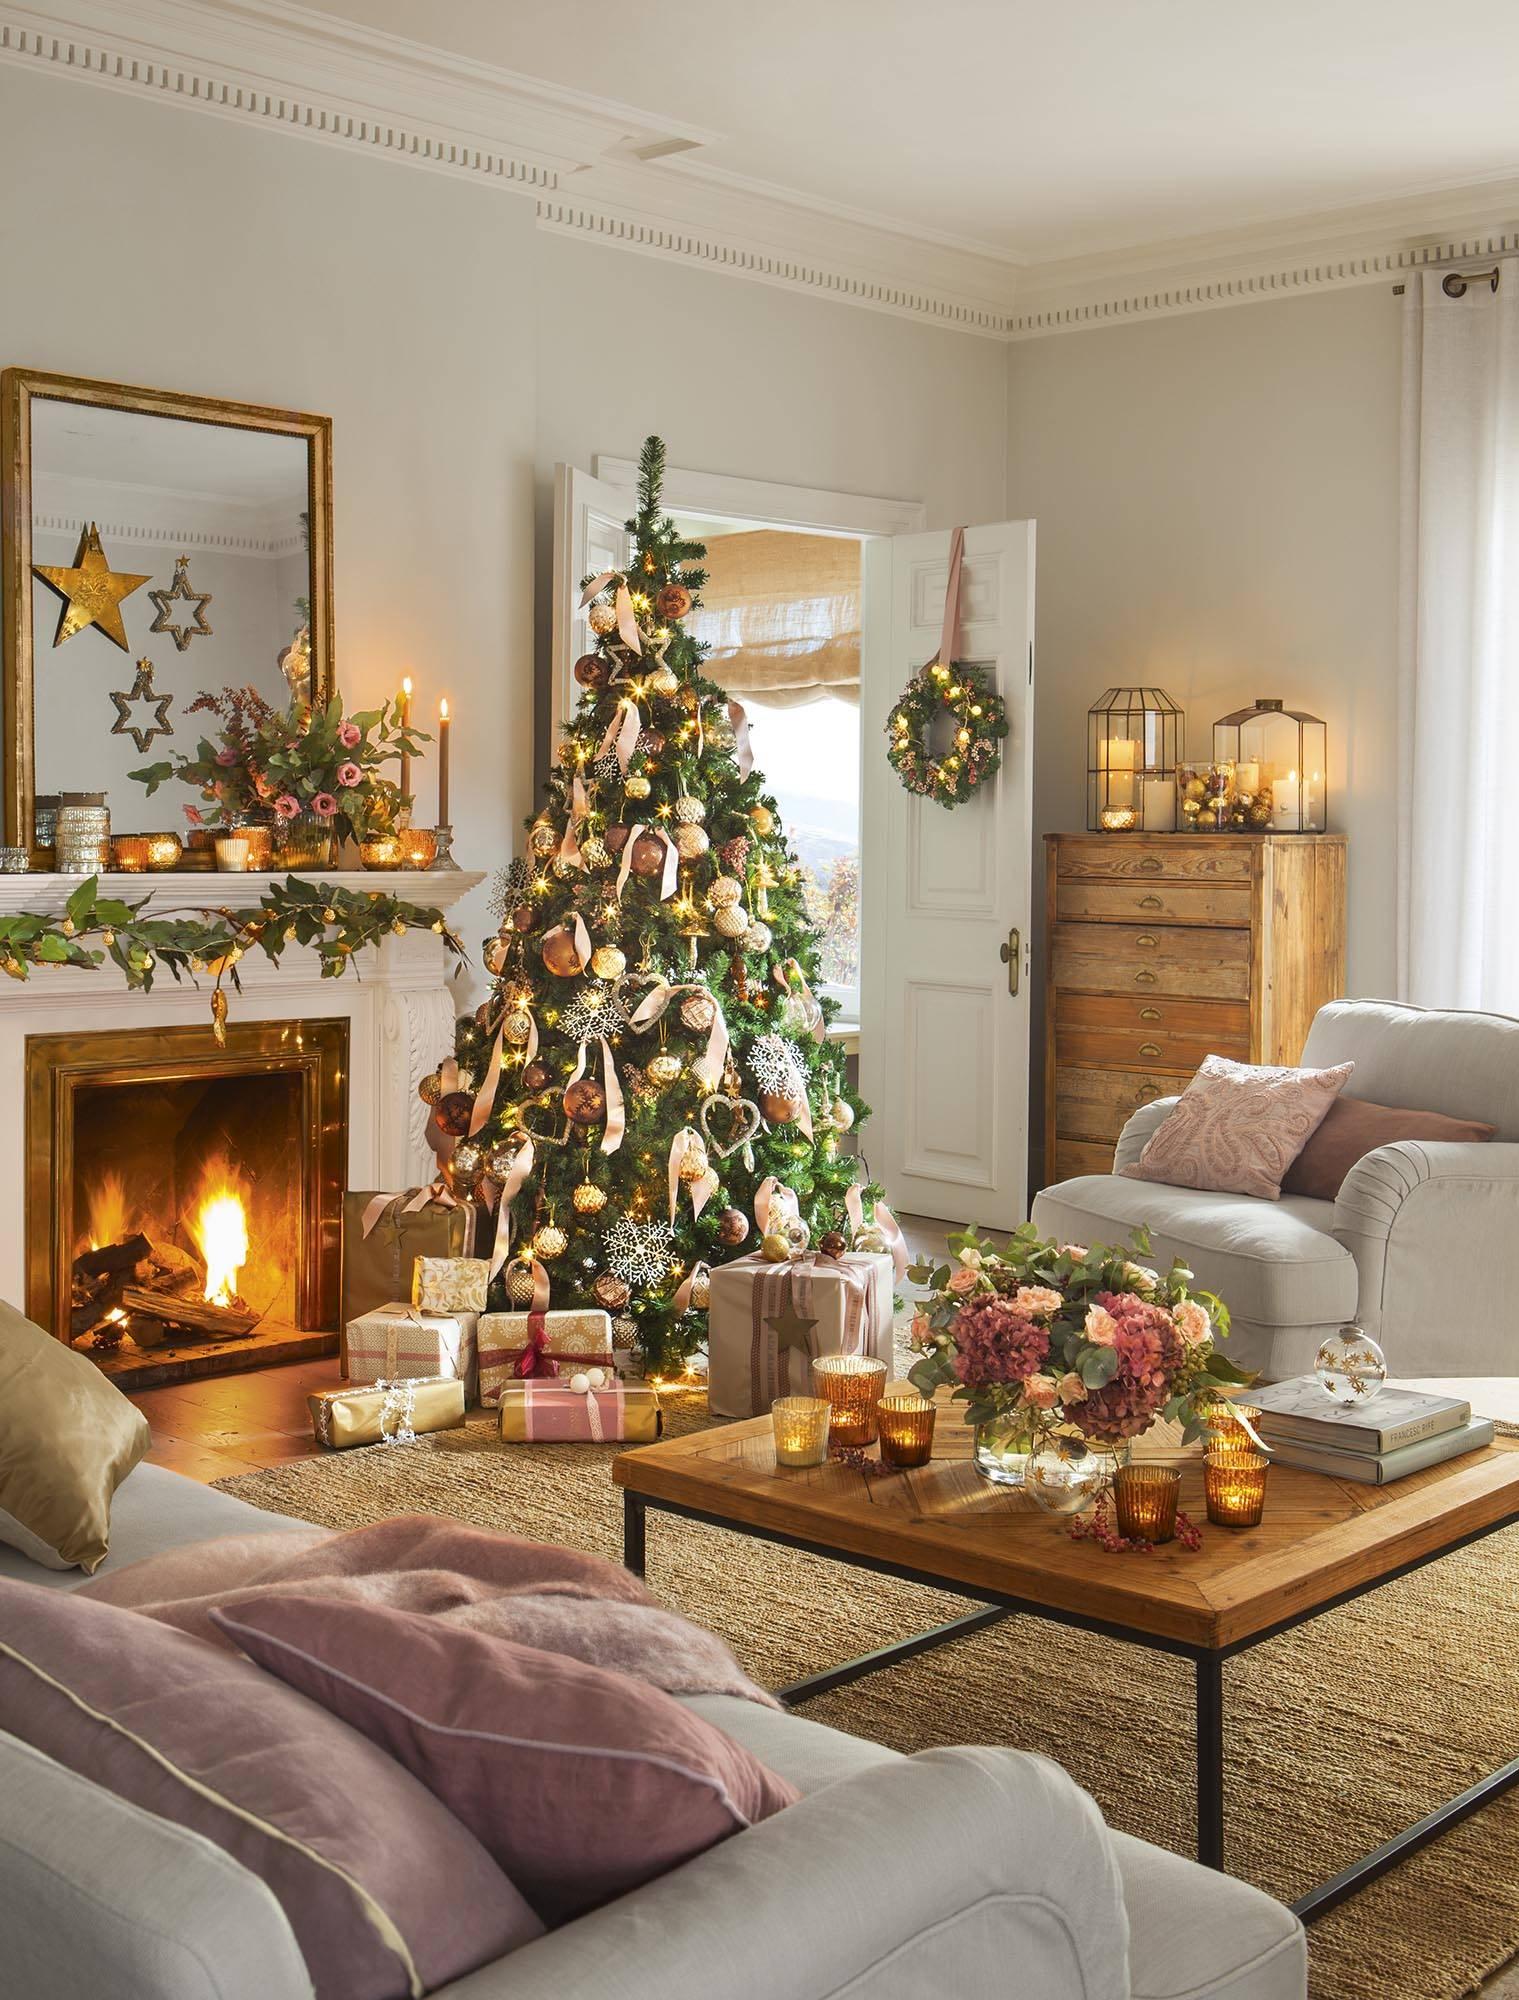 Guirnaldas navideñas para decorar tu casa con grandes dosis de magia